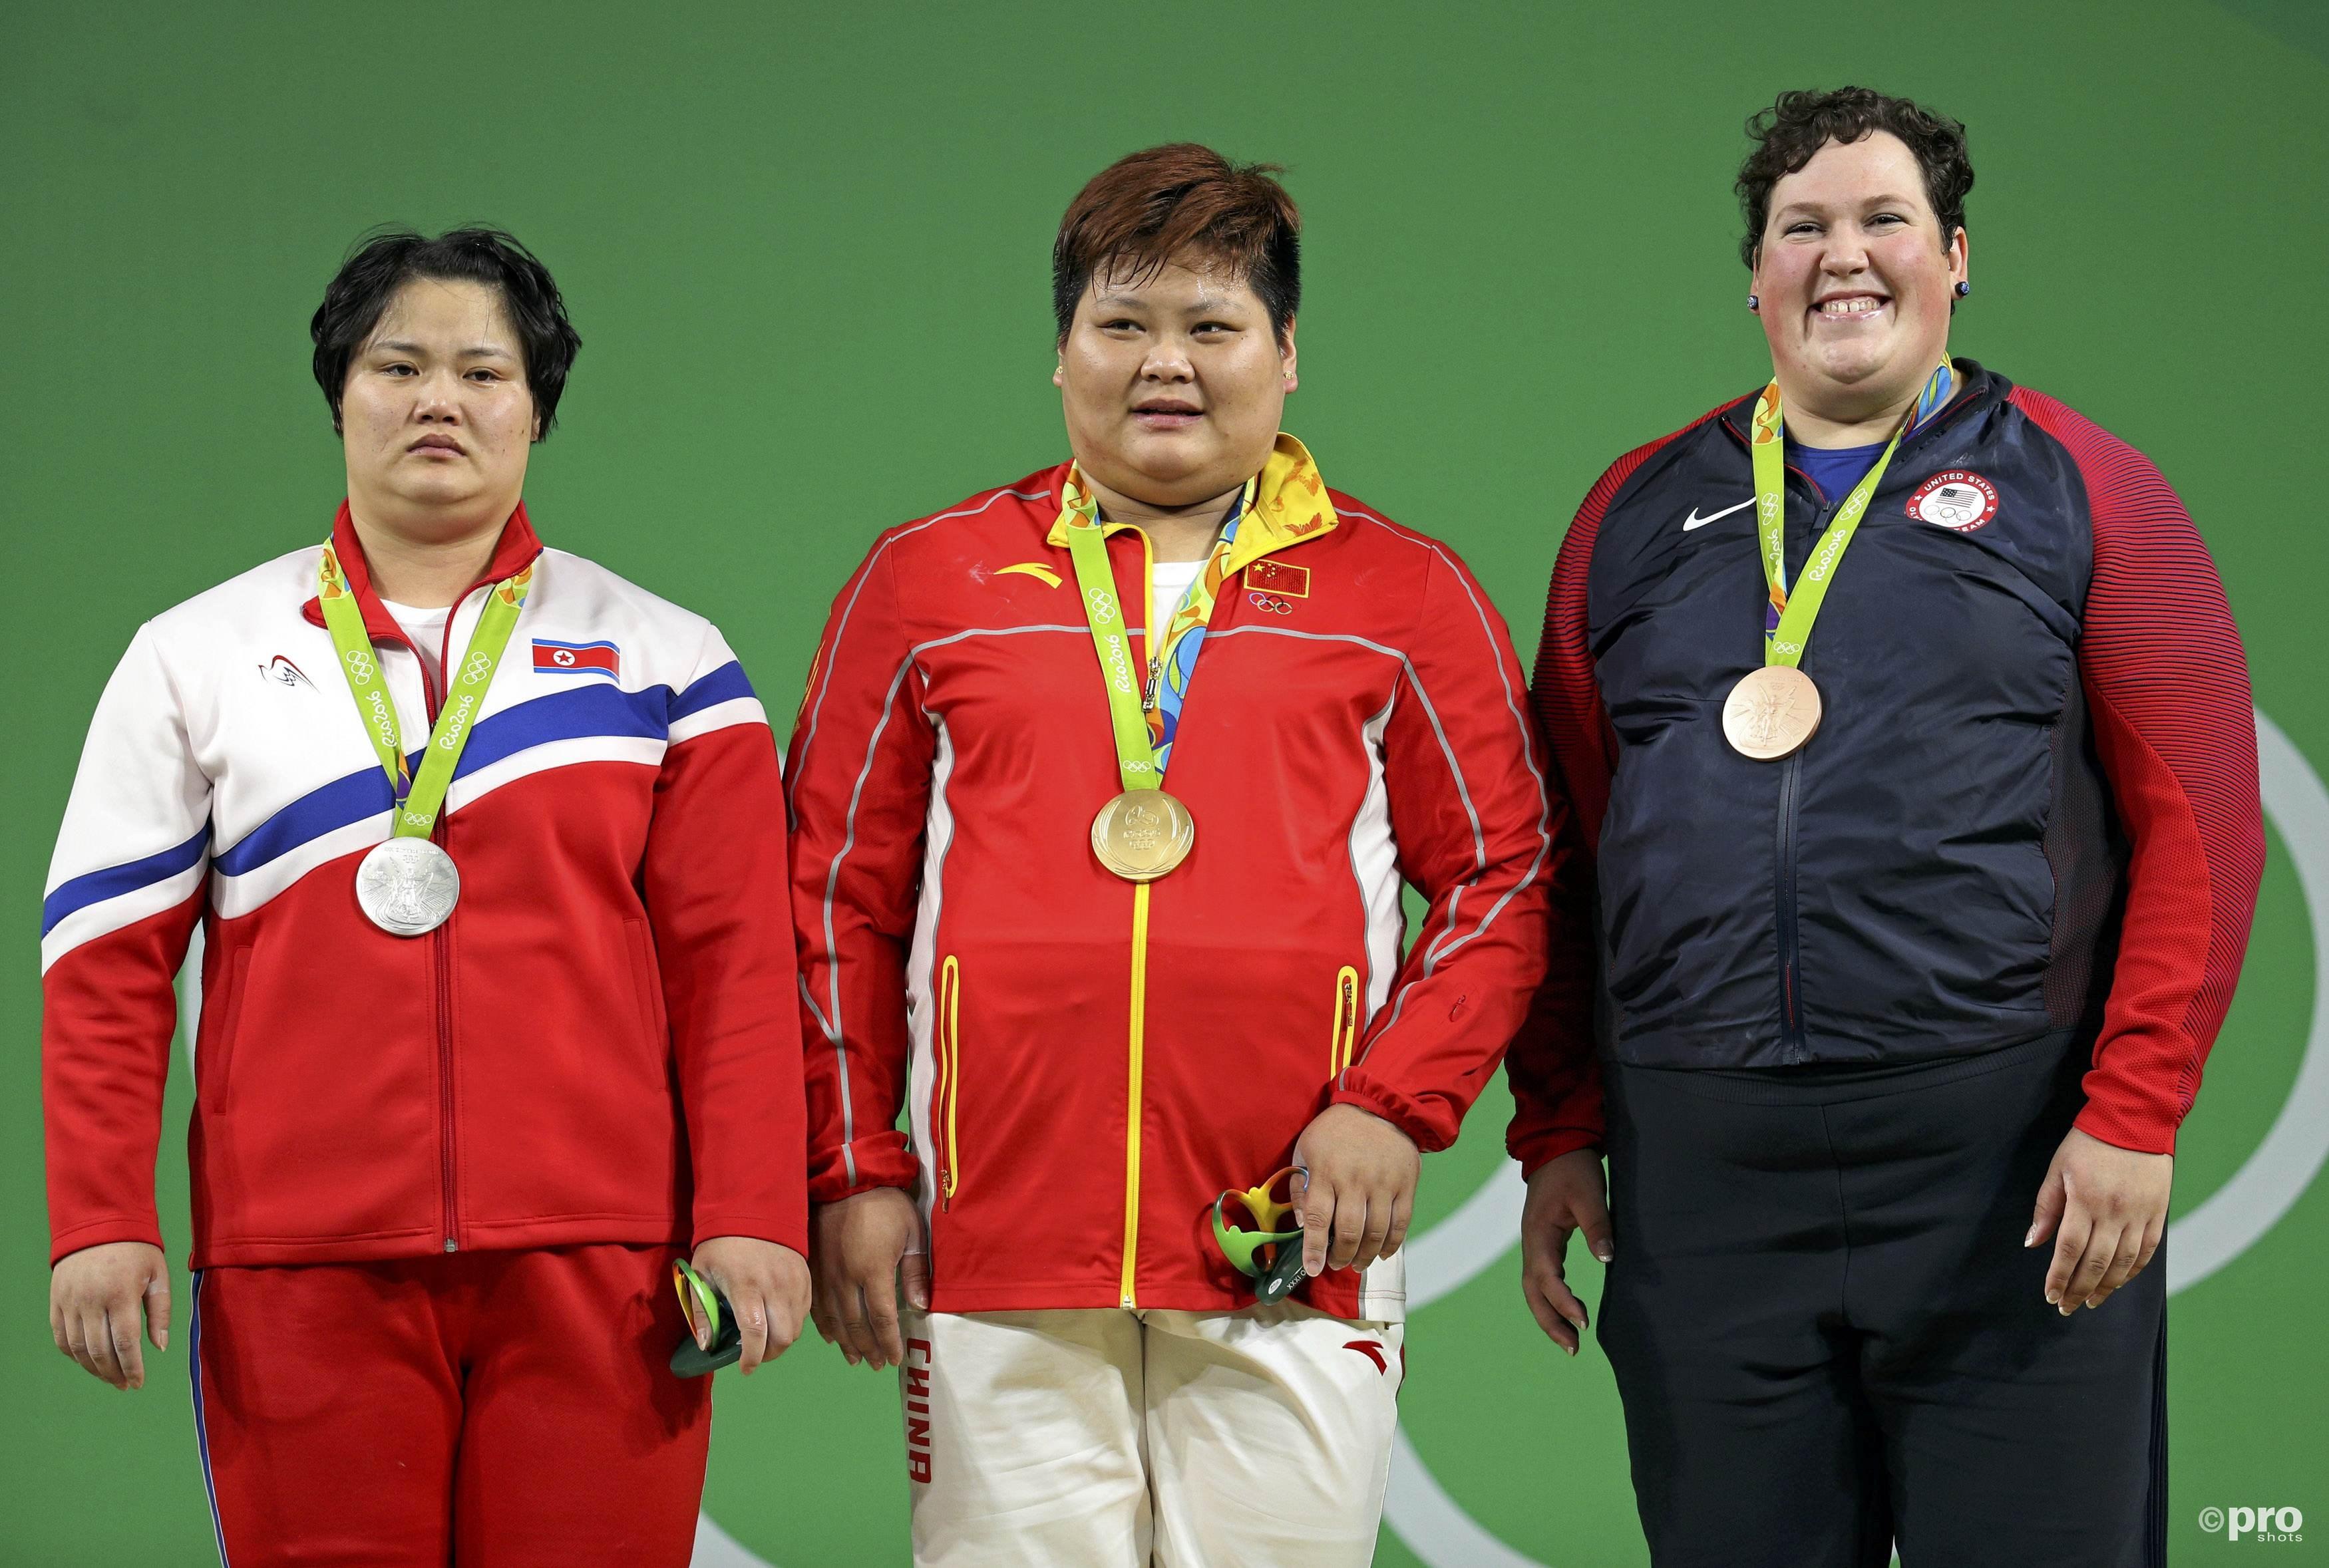 Het podium van de superzwaargewichten, met Kim, Meng en Robles (PROSHOTS/Action Images)